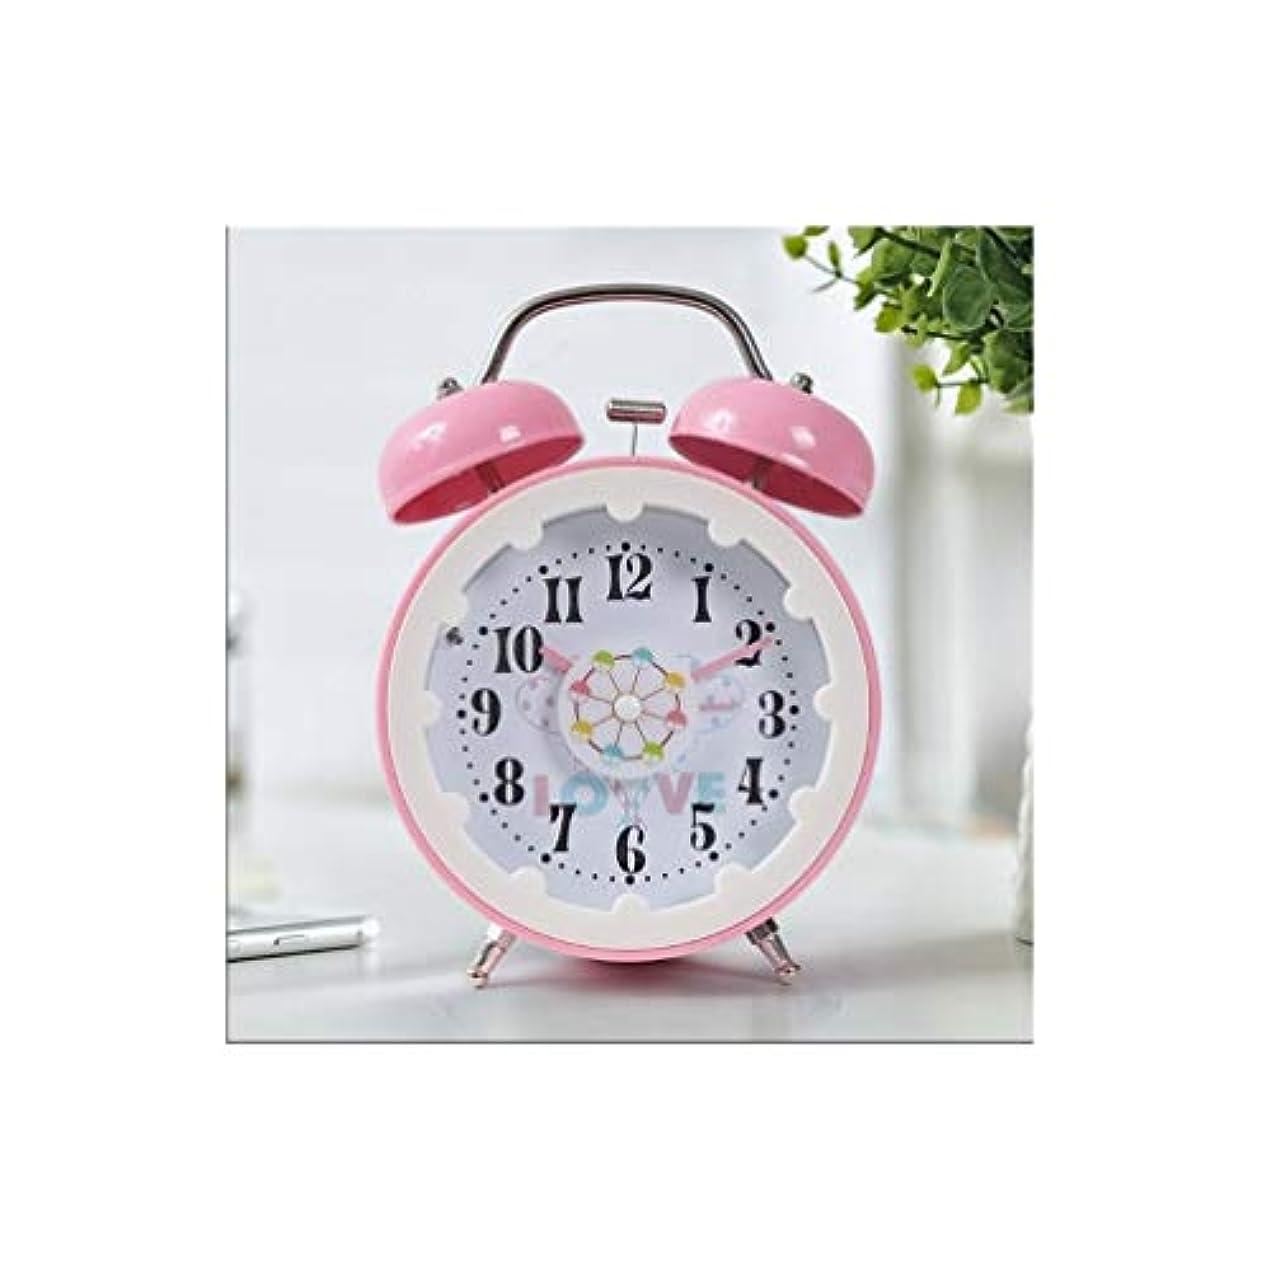 繁殖告白代わりにKaiyitong001 目覚まし時計、創造的な学生の枕元の時計、漫画の装飾パーソナリティ時計、サイレントファッションウォッチ、アーティファクトを覚ます、(青、ピンク、)(16 * 11 * 6 cm) (Color : Pink)